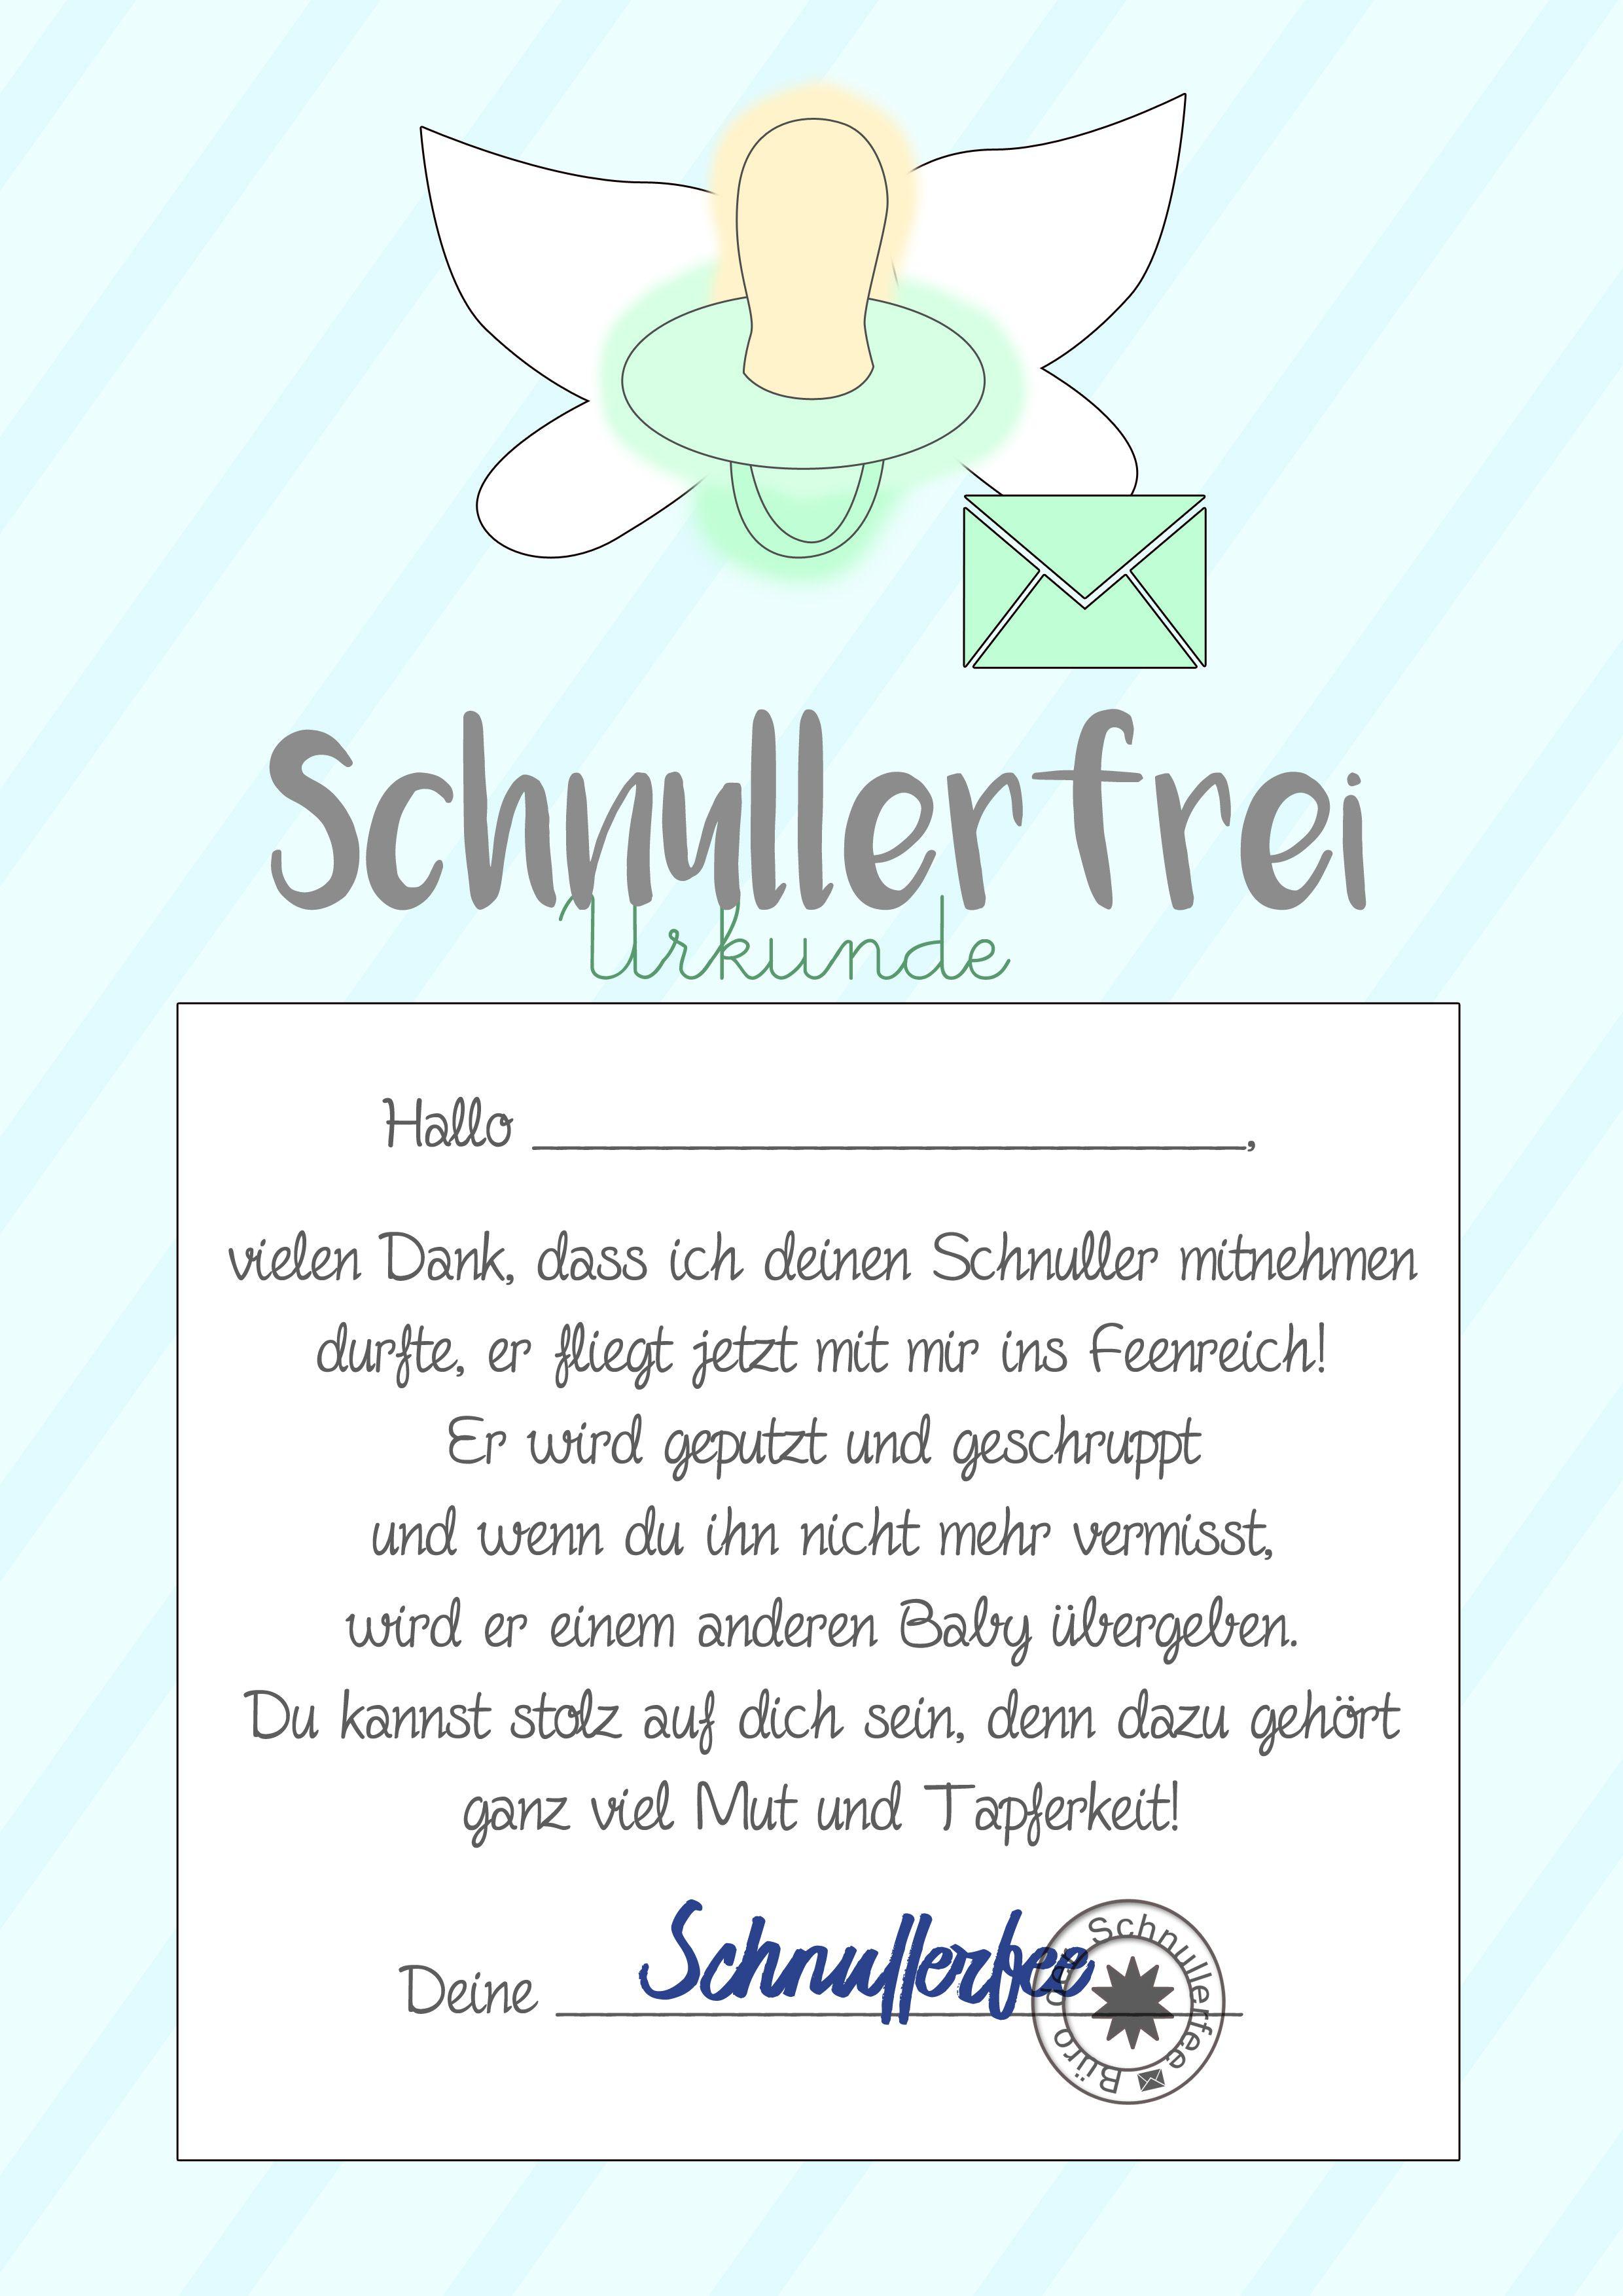 Schnullerfee Brief Vorlage zum Ausdrucken | Kostenlose druckvorlagen ...